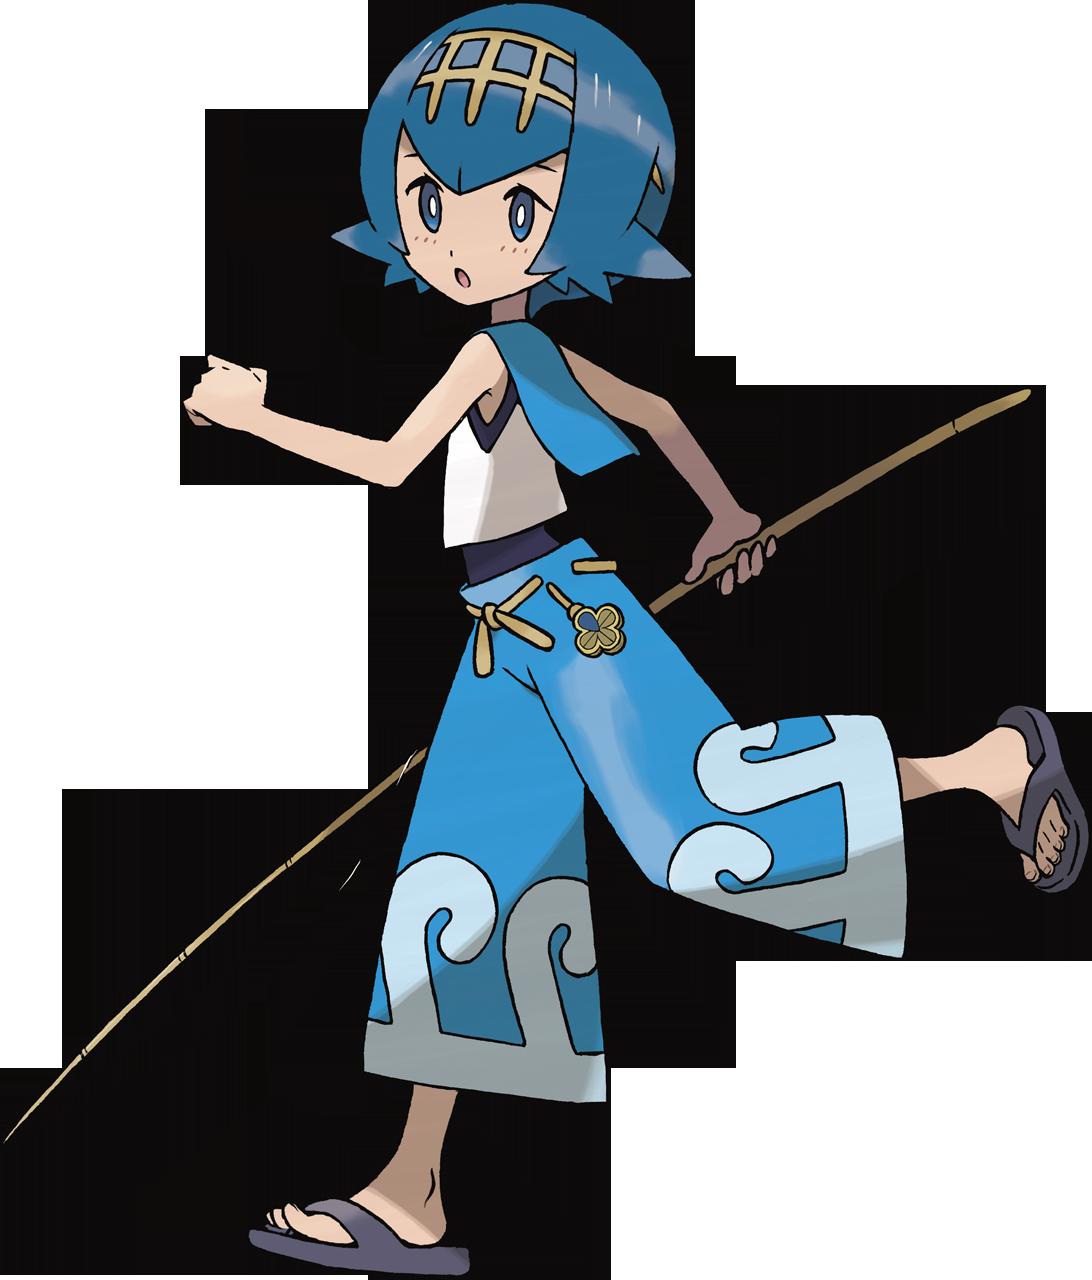 Lana (Pokémon)